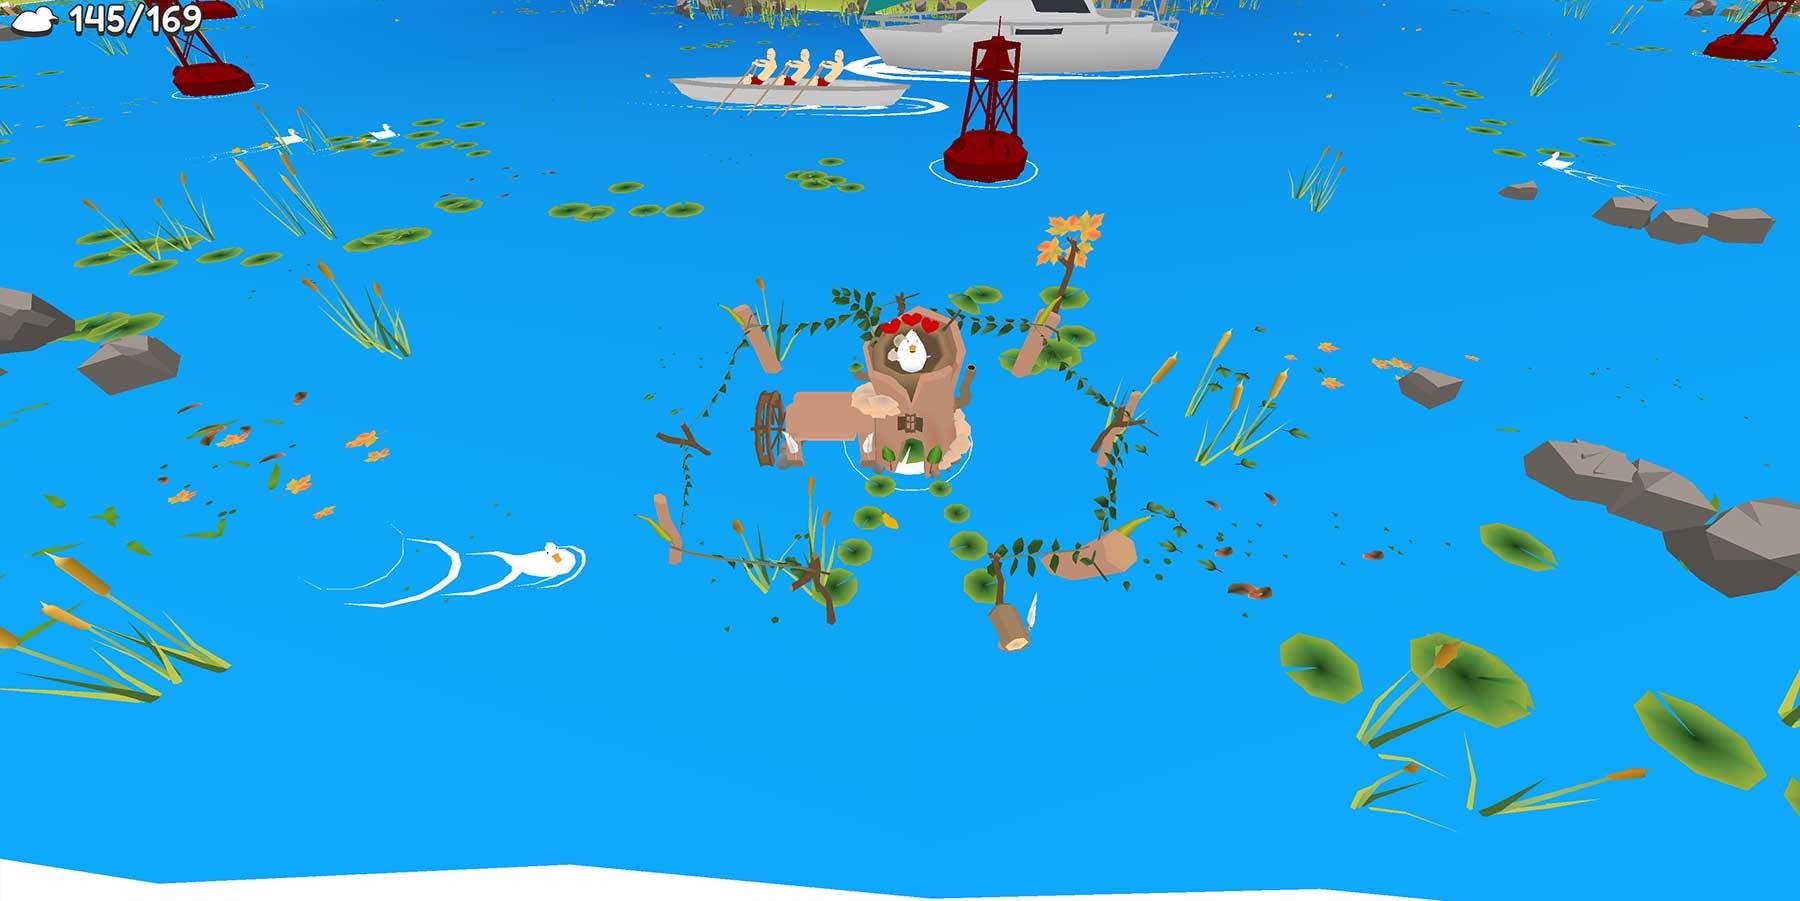 Ducklings.io lässt euch entspannt Enten-Familie spielen ducklings-browsergame_02